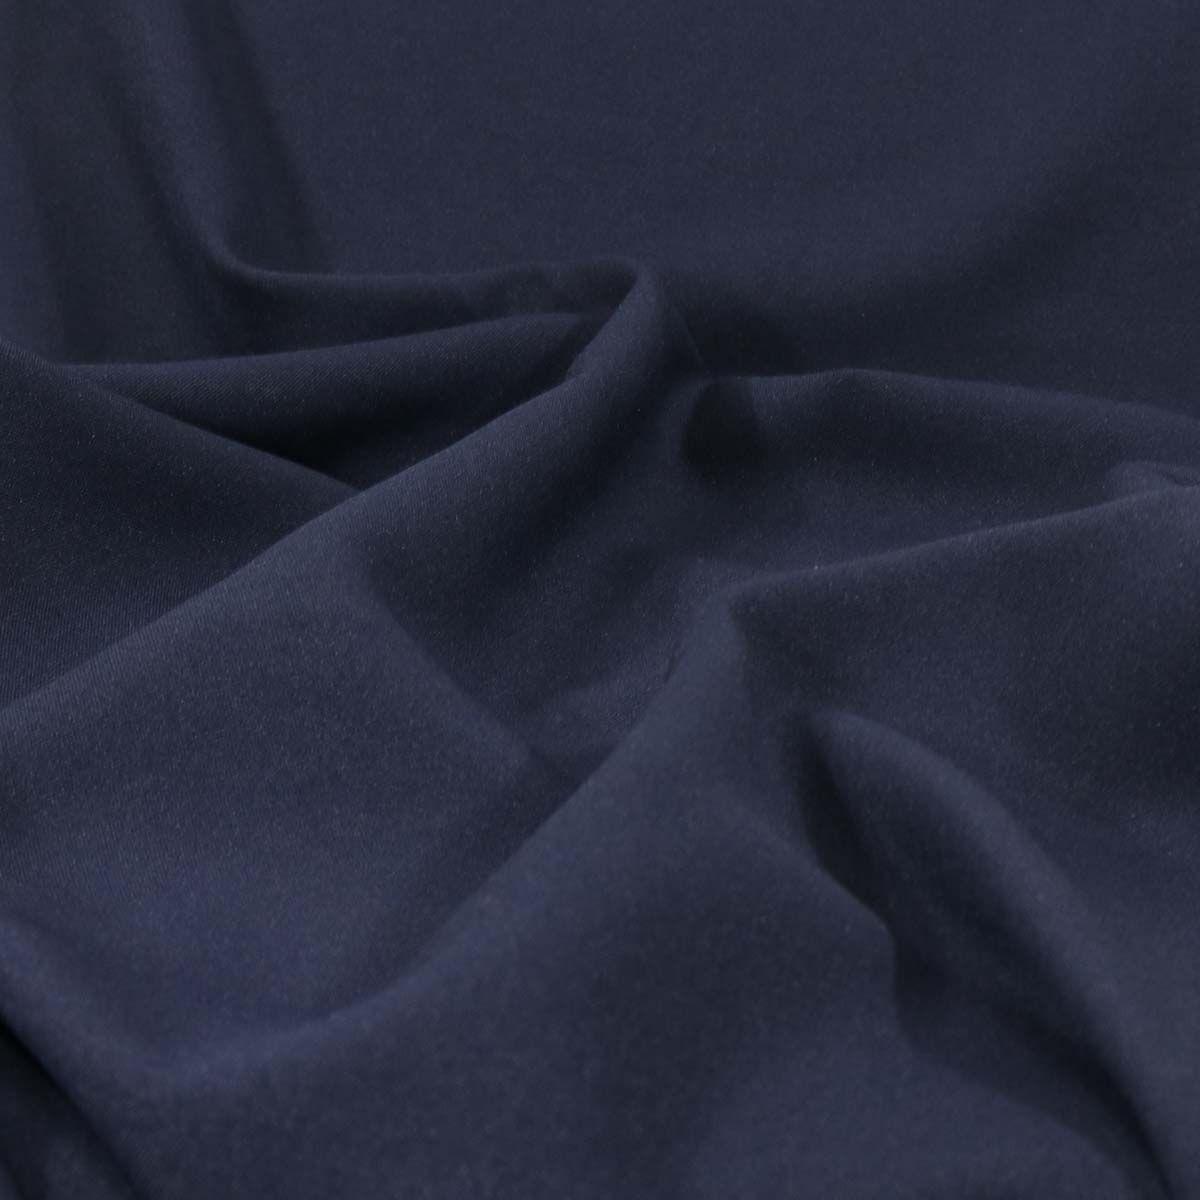 5d7c4c6cc0 Tecido Oxford Azul Marinho - Juma Tecidos |Tecidos OXFORD